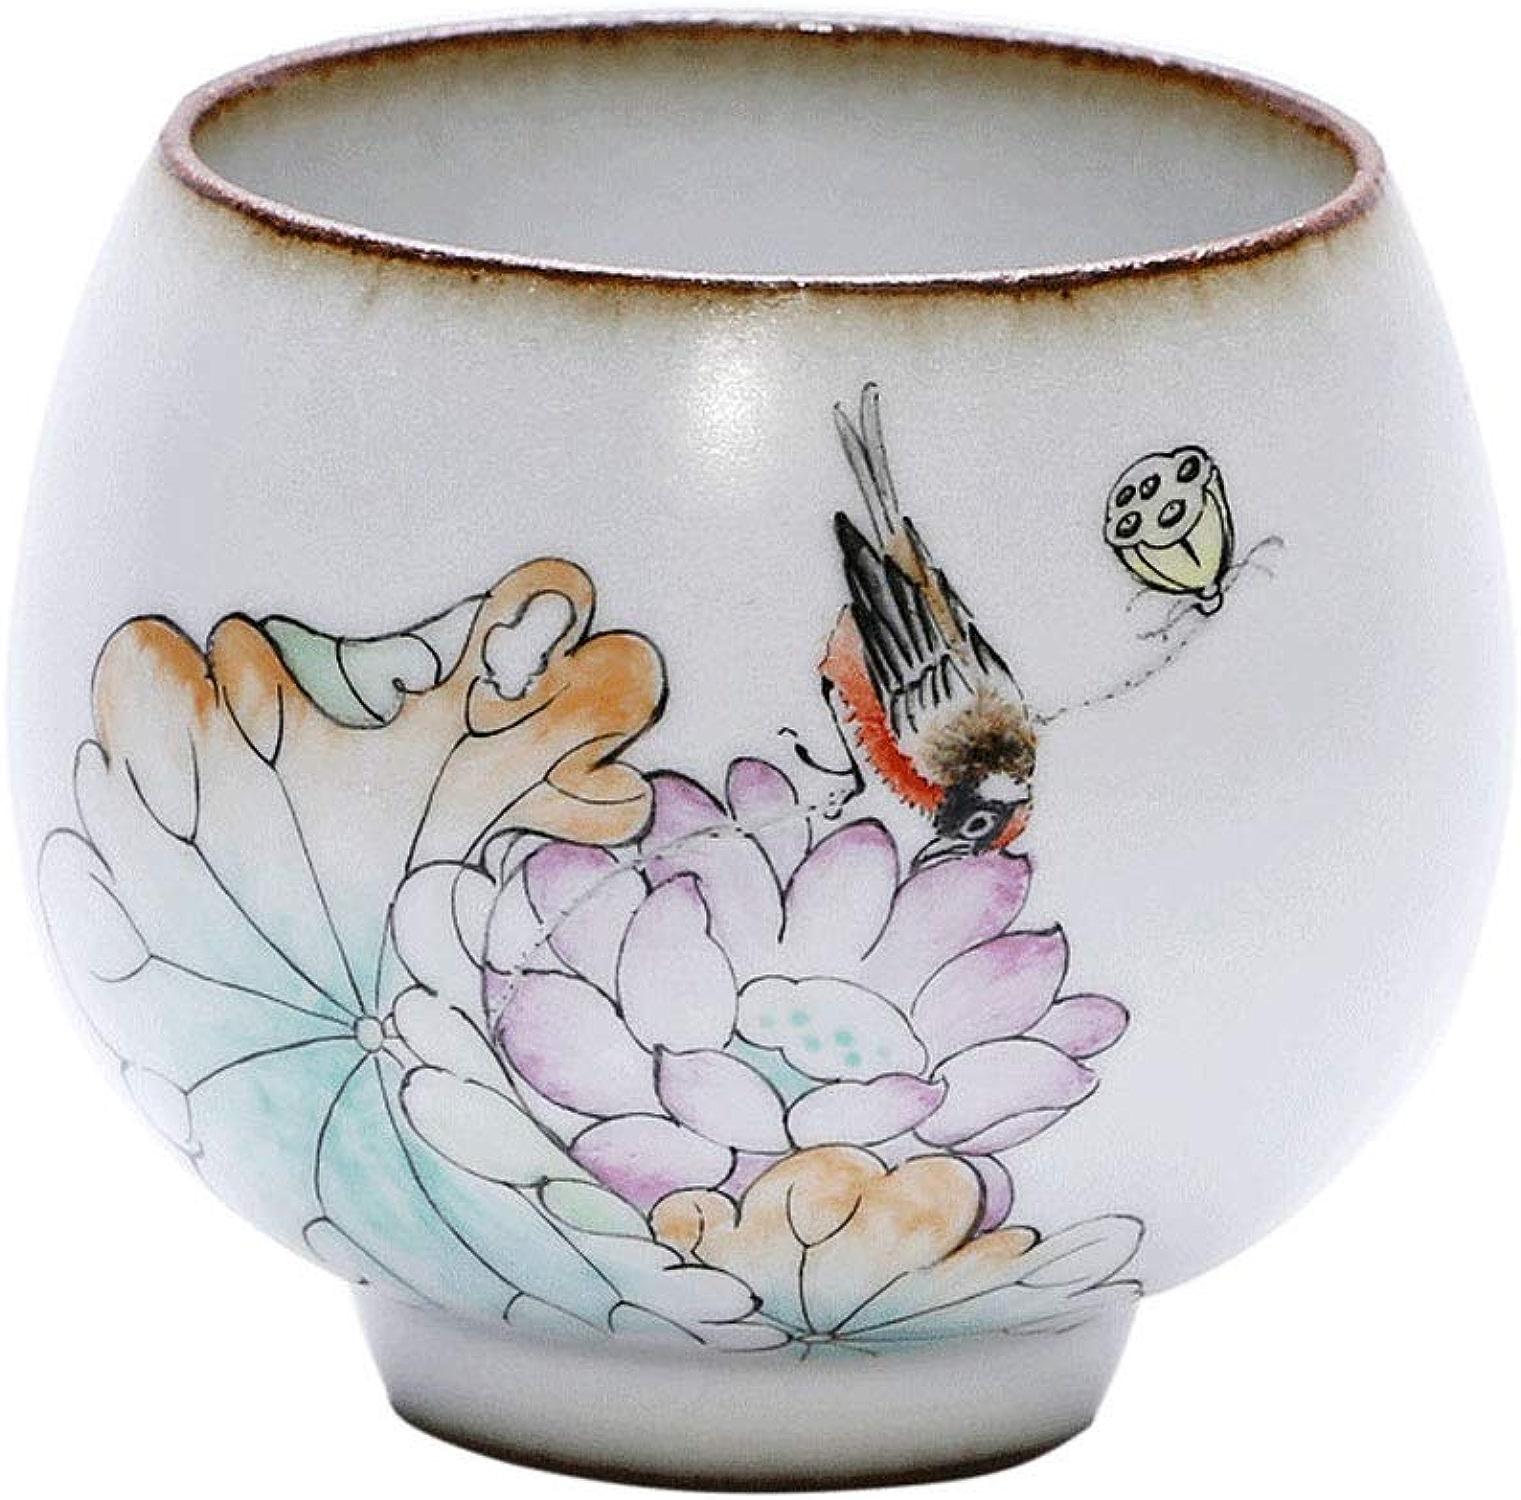 Tasse à thé en céramique de Kung Fu Ru Kiln Main faite à la main tasse de thé peinte à la main Lotus unique tasse à thé Home-use Tea Set